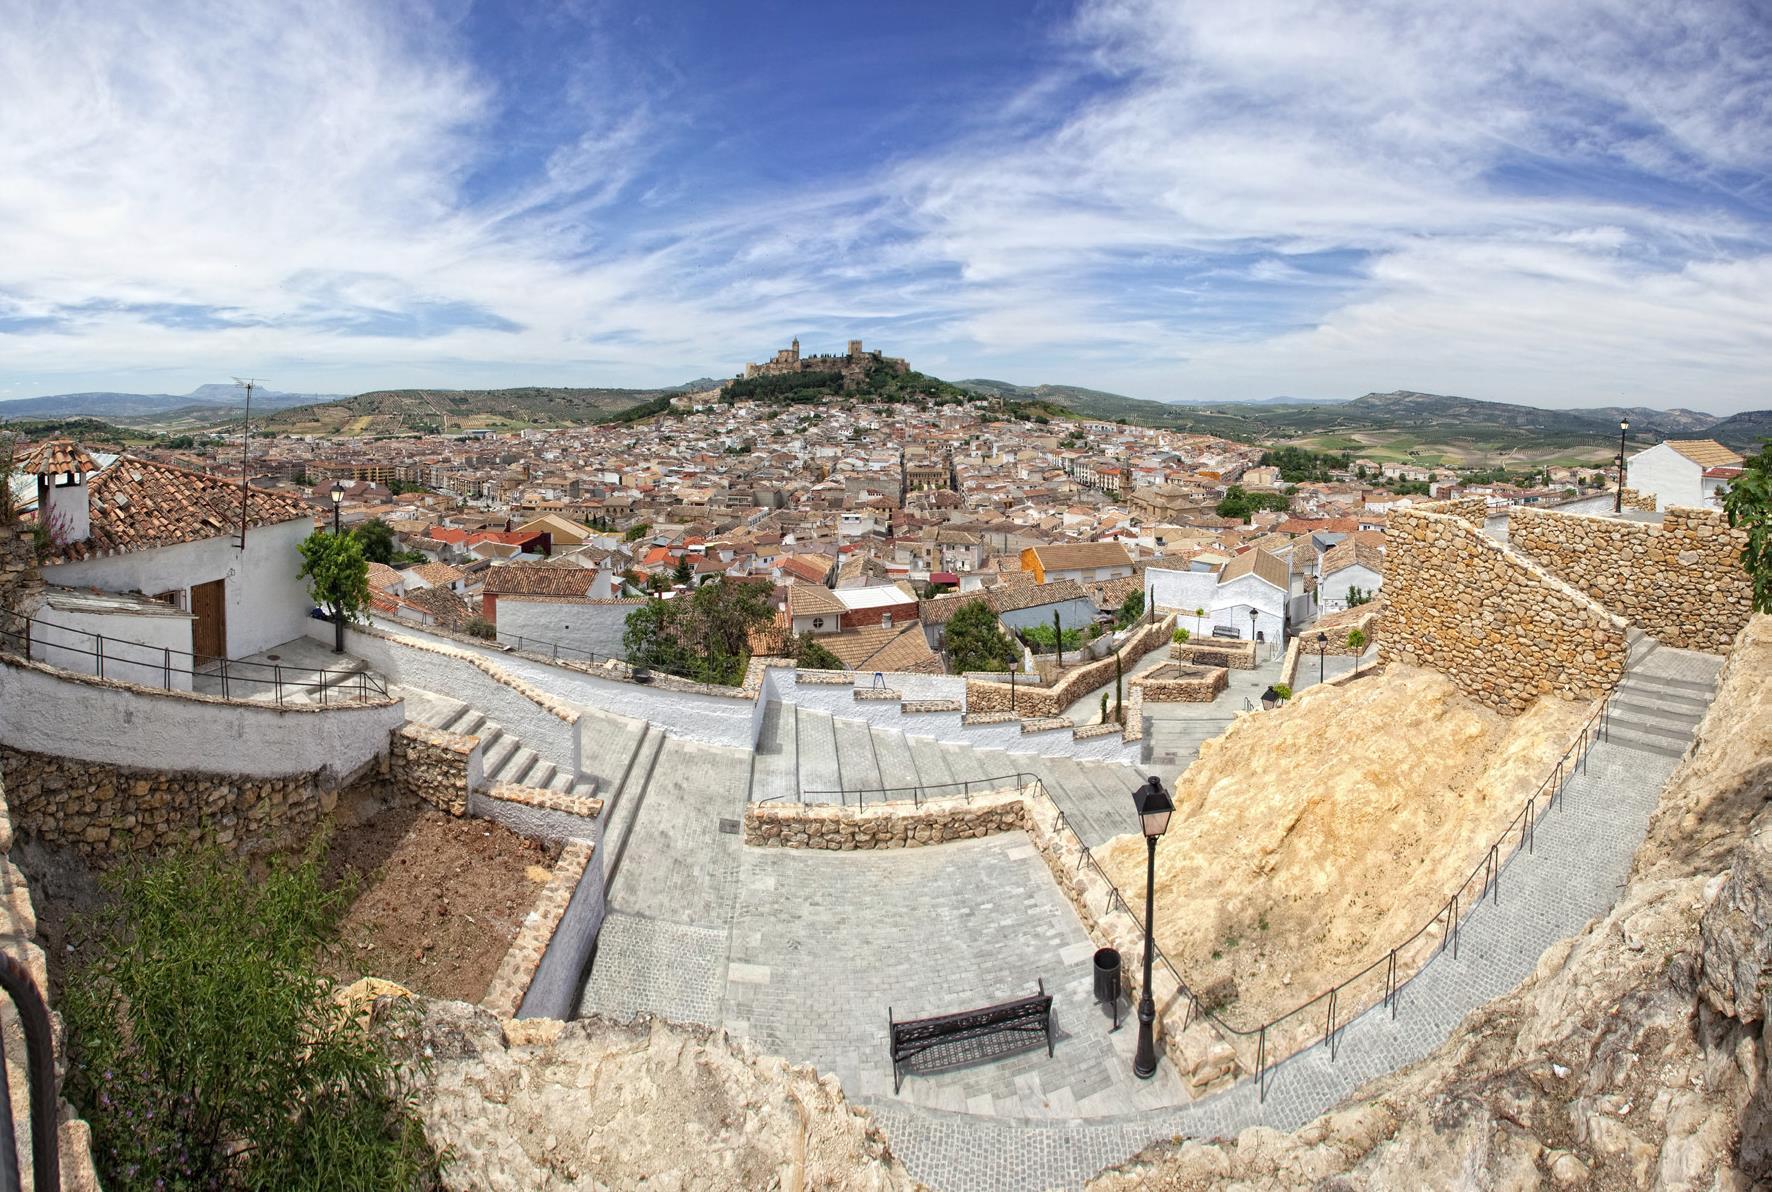 Desarrollo territorial Alcalá la Real